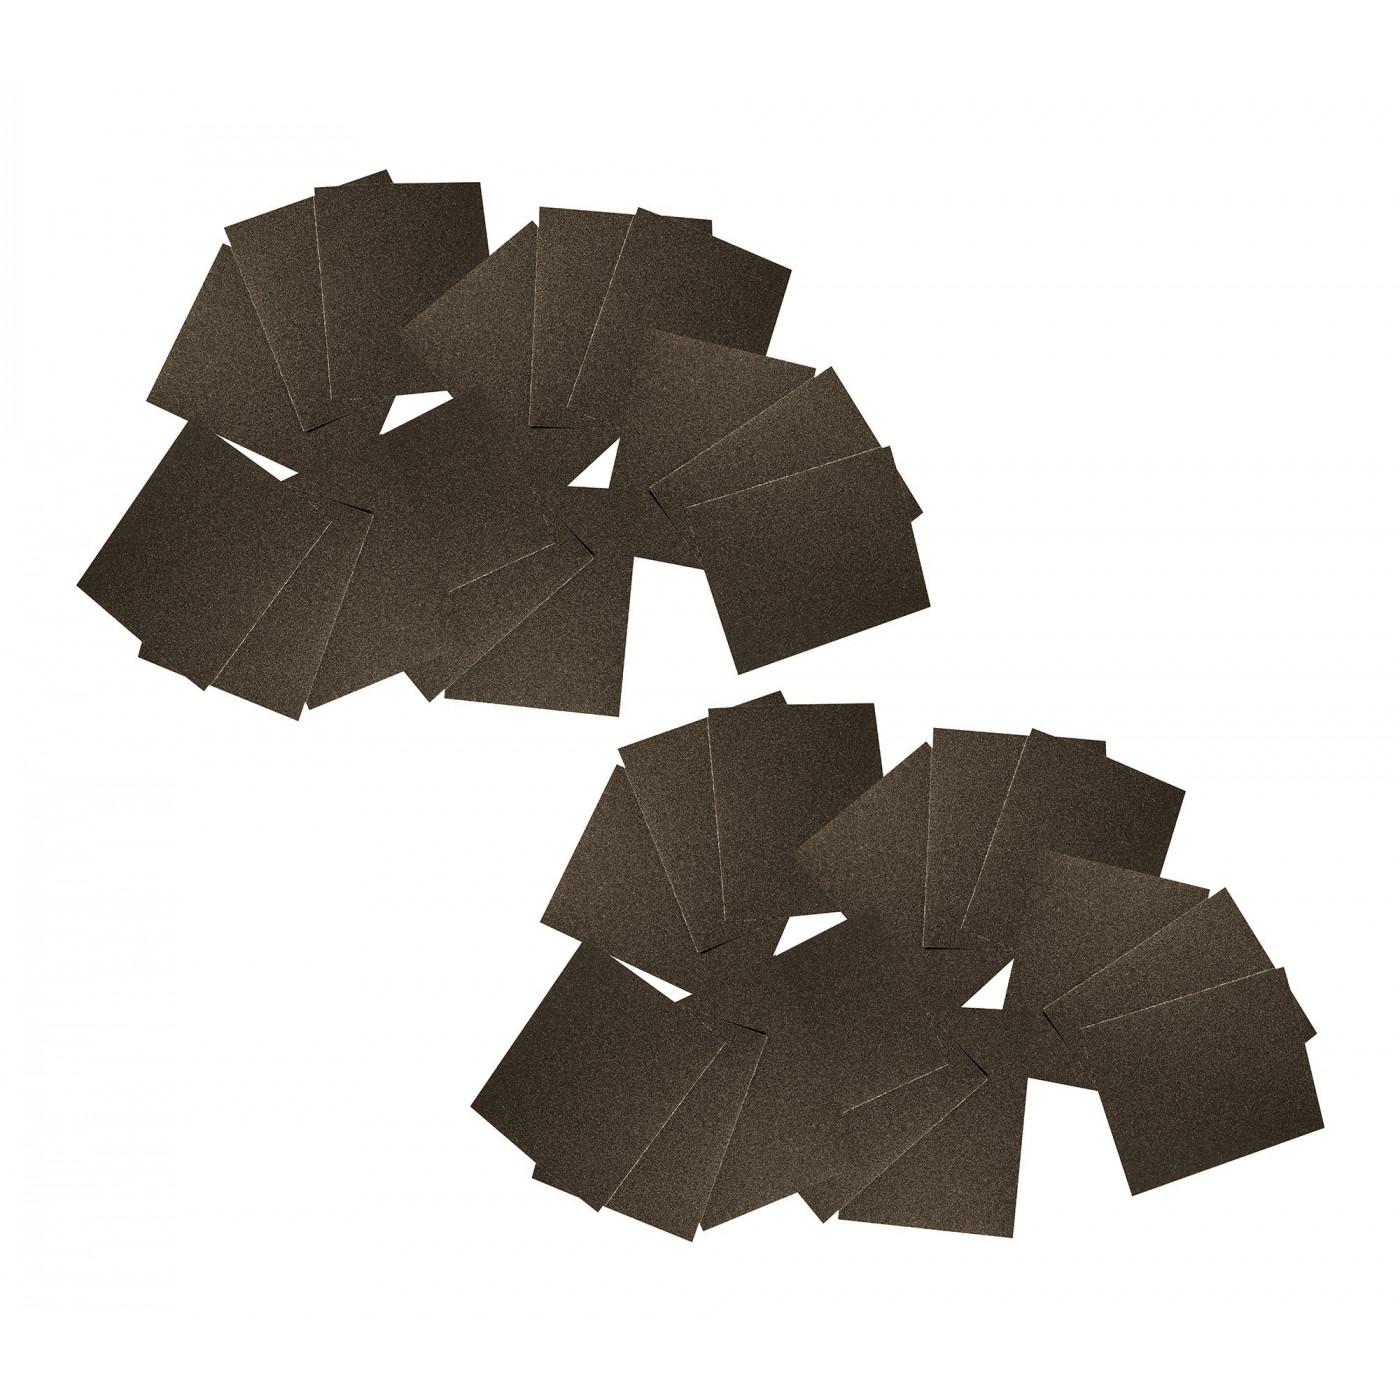 Schuurpapier XXL, 90 vellen van 20x25 cm (P80, P150, P180)